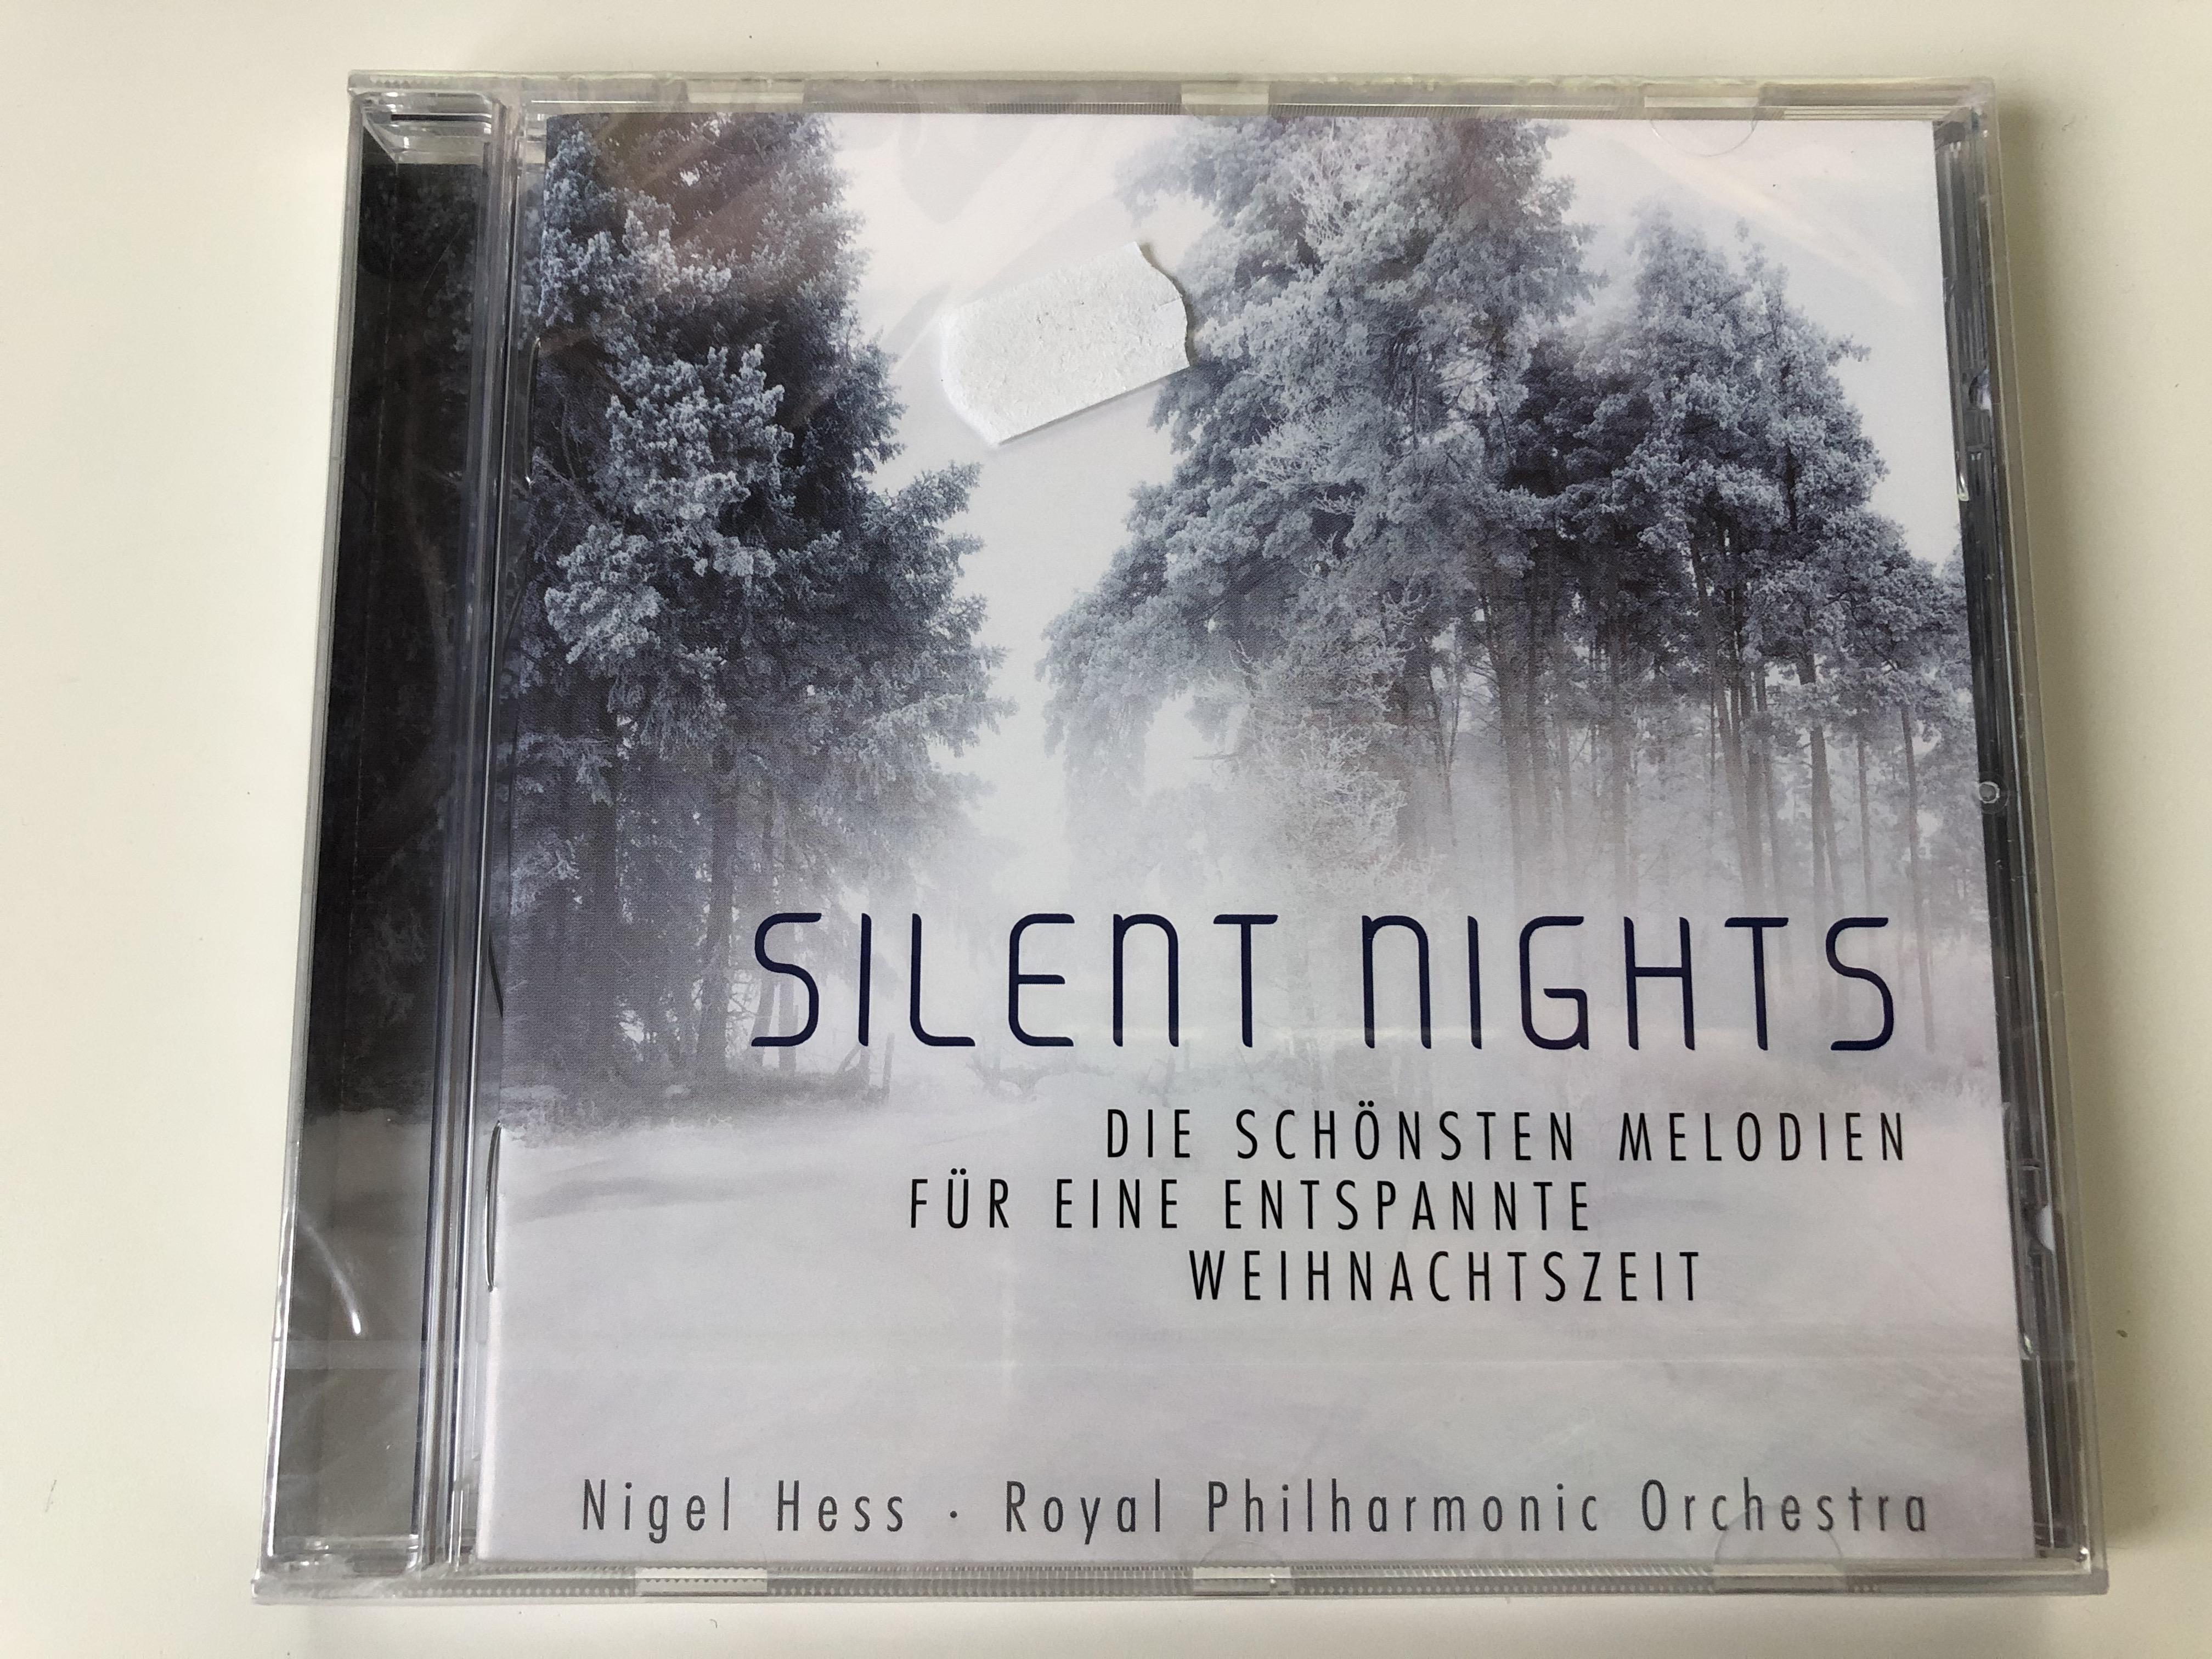 silent-nights-die-sch-nsten-melodien-f-r-eine-entspannte-weihnachtszeit-nigel-hess-royal-philharmonic-orchestra-panorama-audio-cd-2013-479-2088-1-.jpg